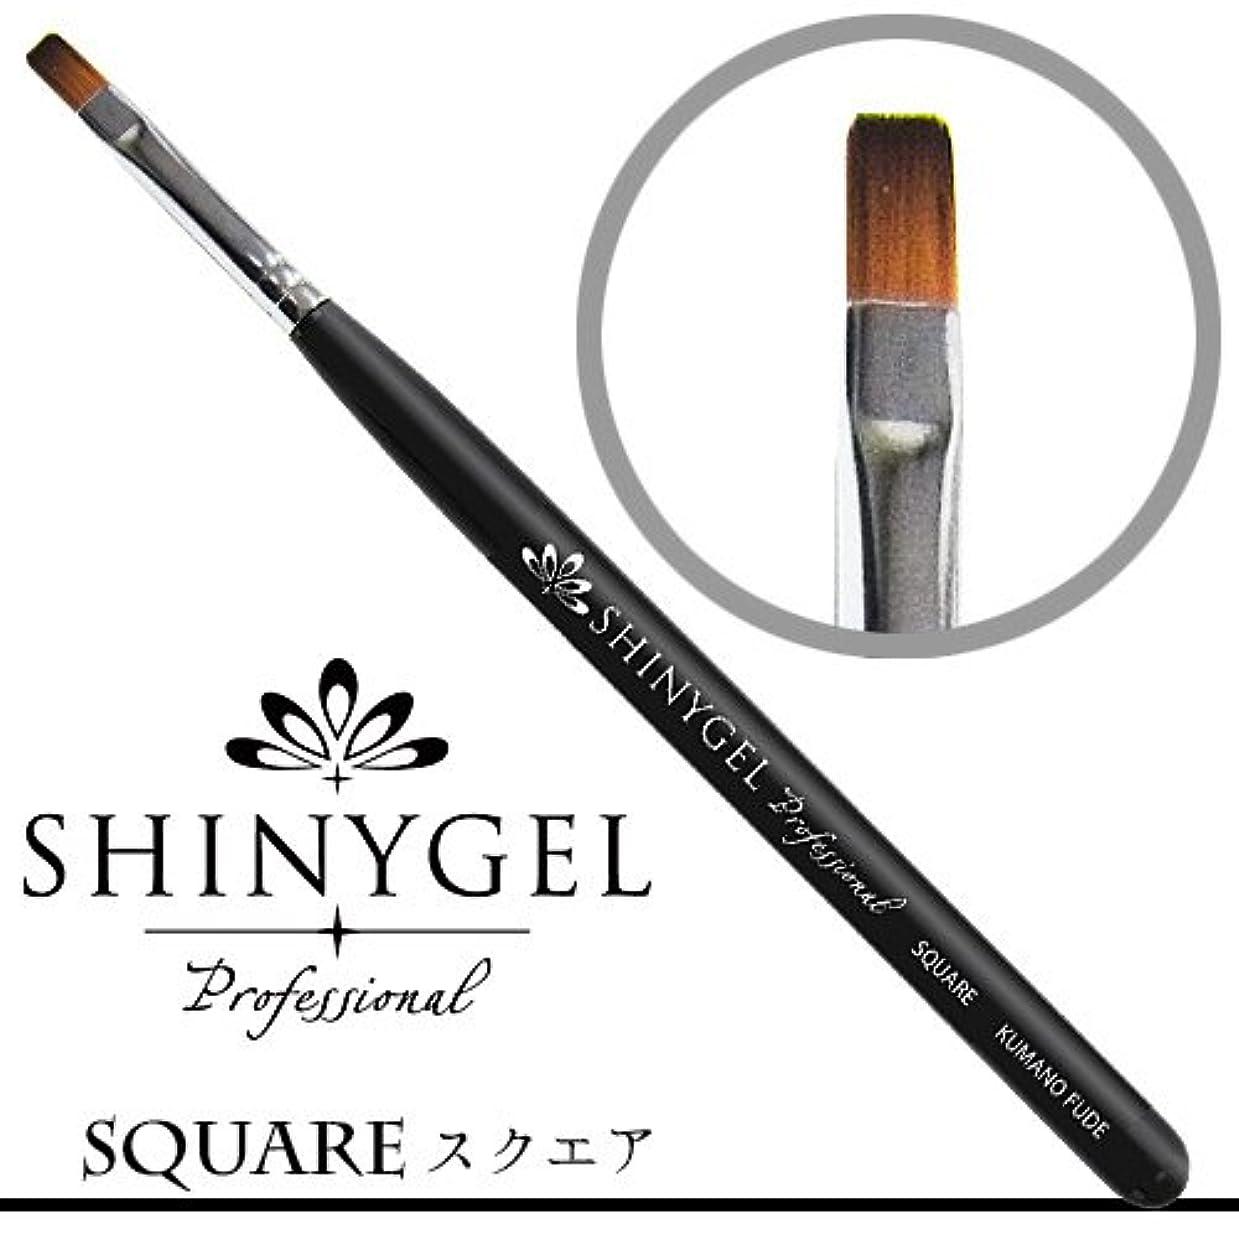 熱帯の壁紙補足SHINY GEL ジェルブラシ スクエア 熊野筆